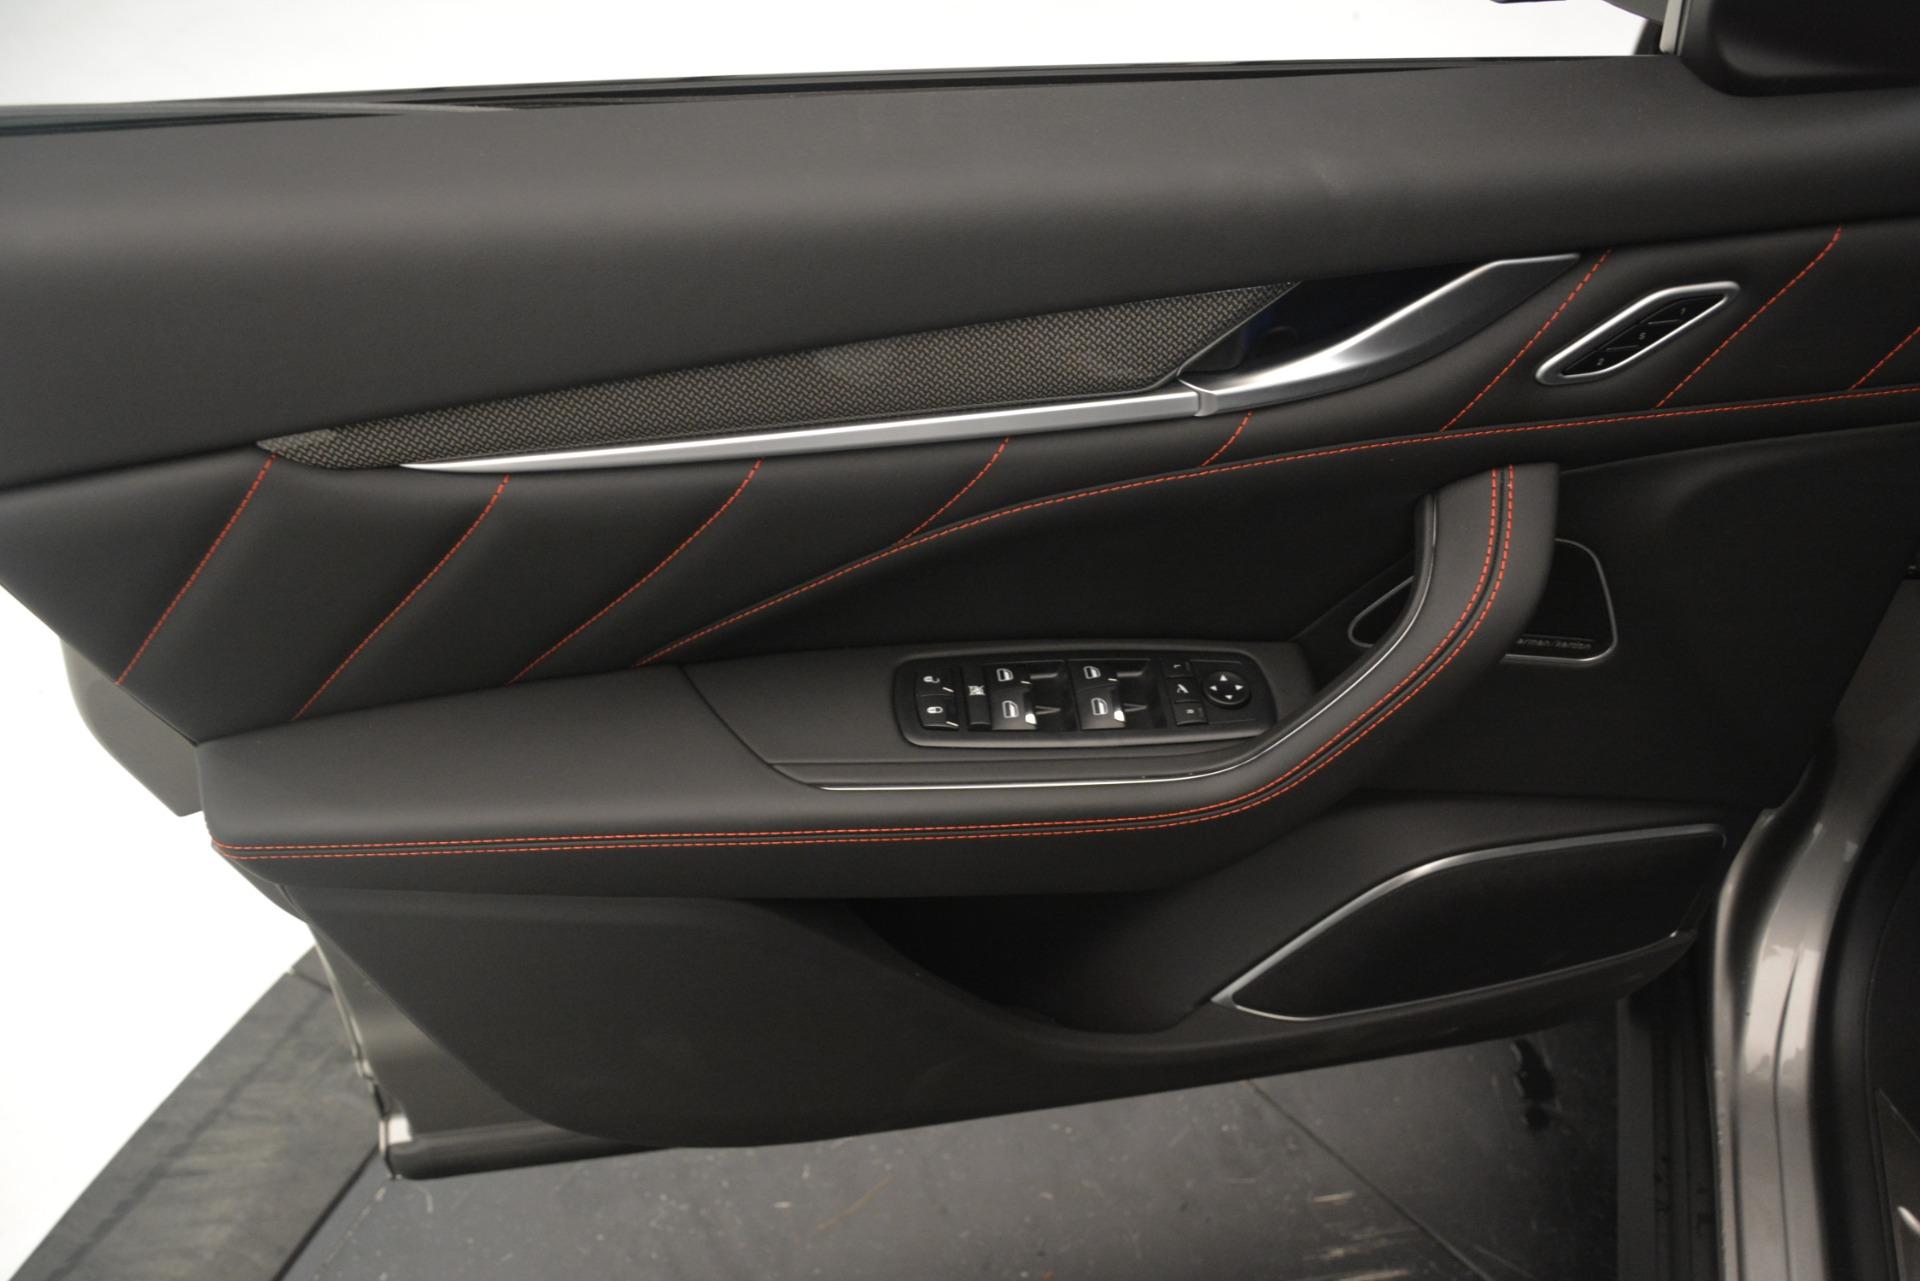 New 2019 Maserati Levante SQ4 GranSport Nerissimo For Sale In Greenwich, CT 3177_p17